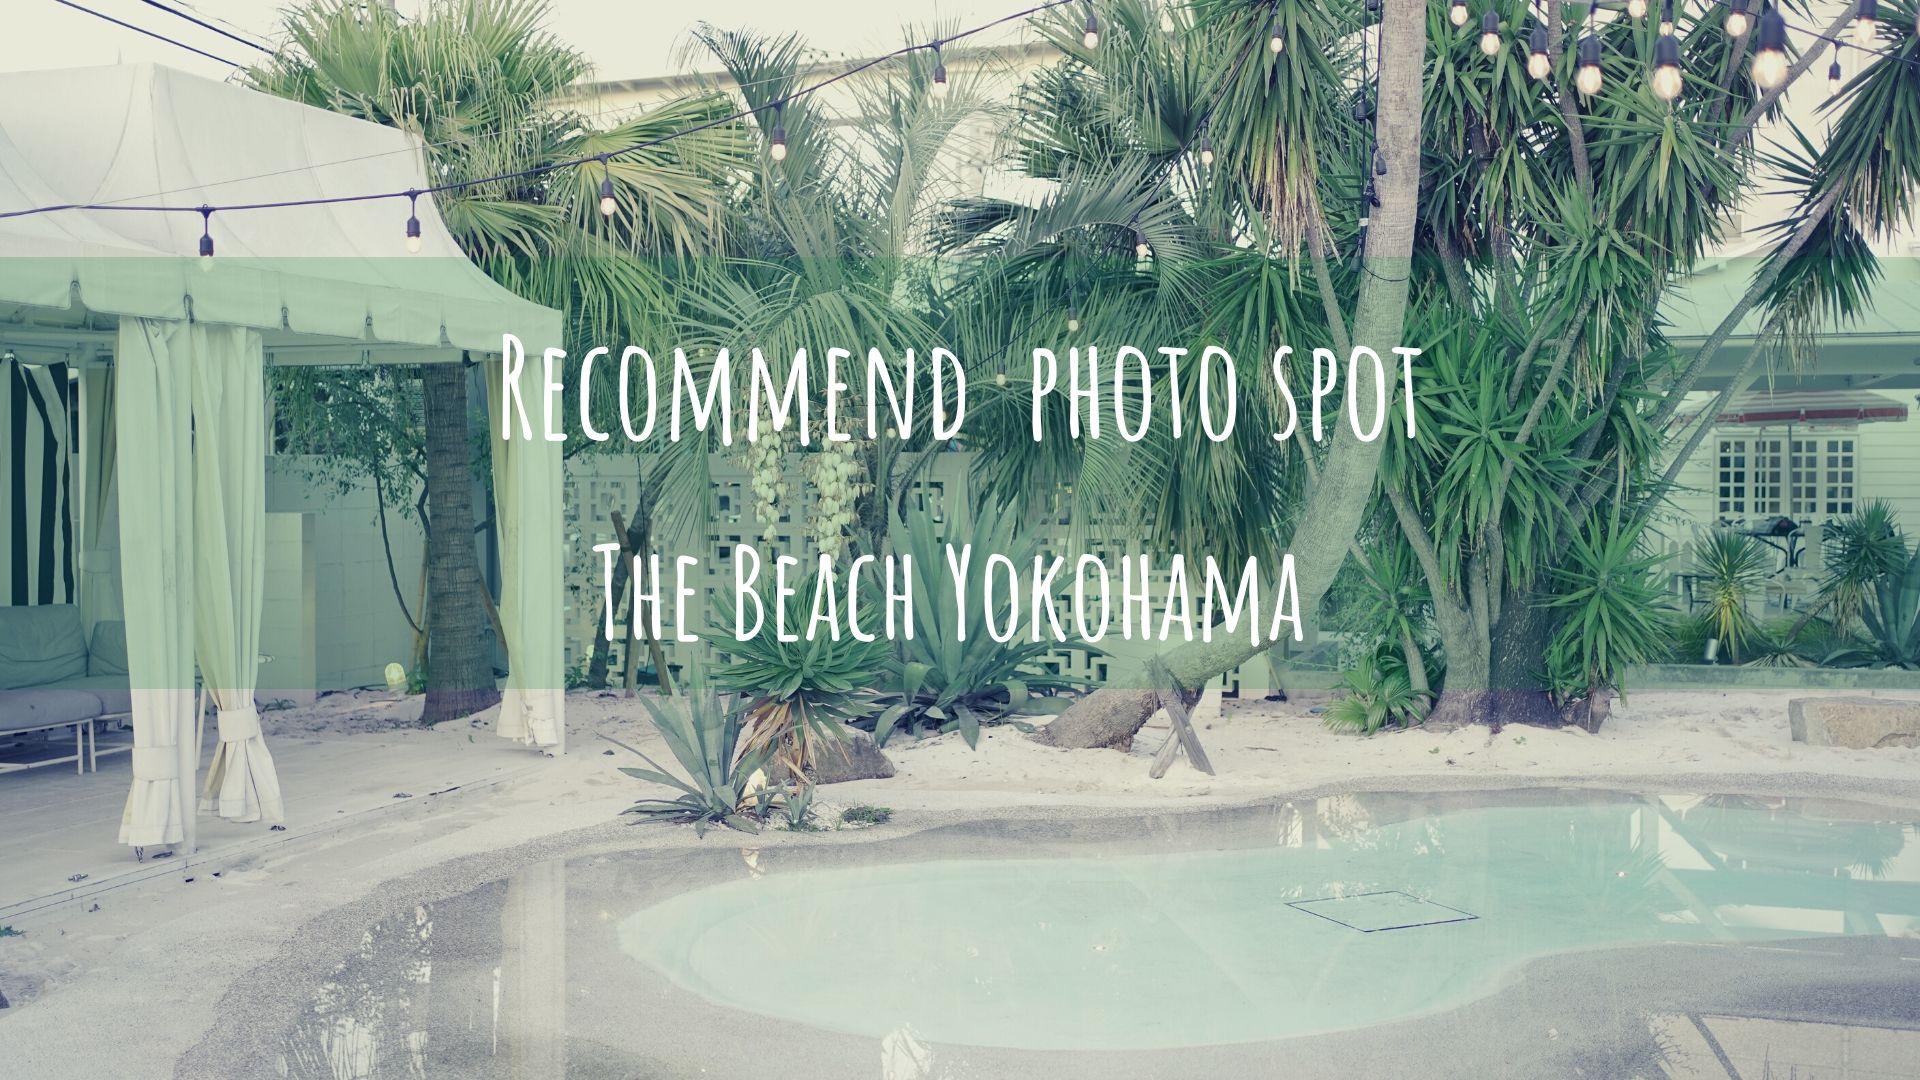 【オススメス フォトスポット】<br>The beach yokohama【横浜】